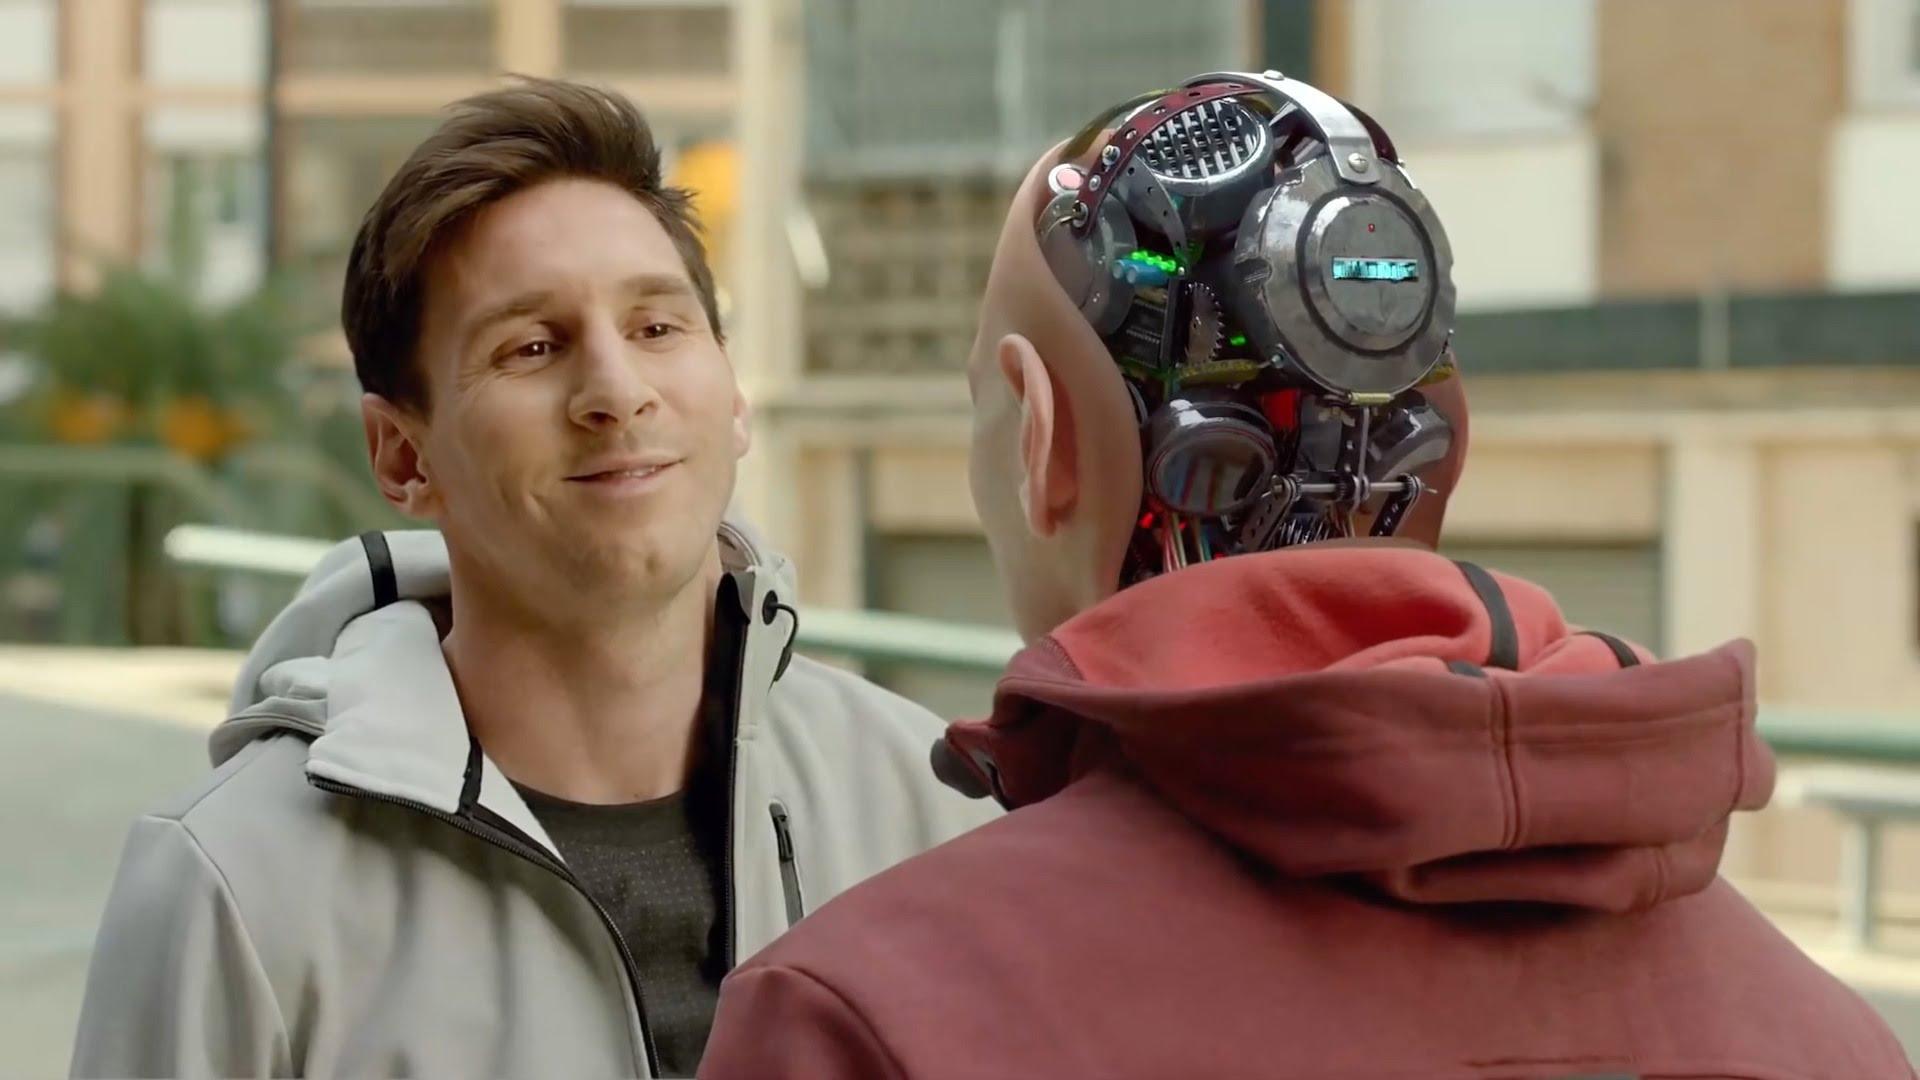 Messirobot in actie: commercial